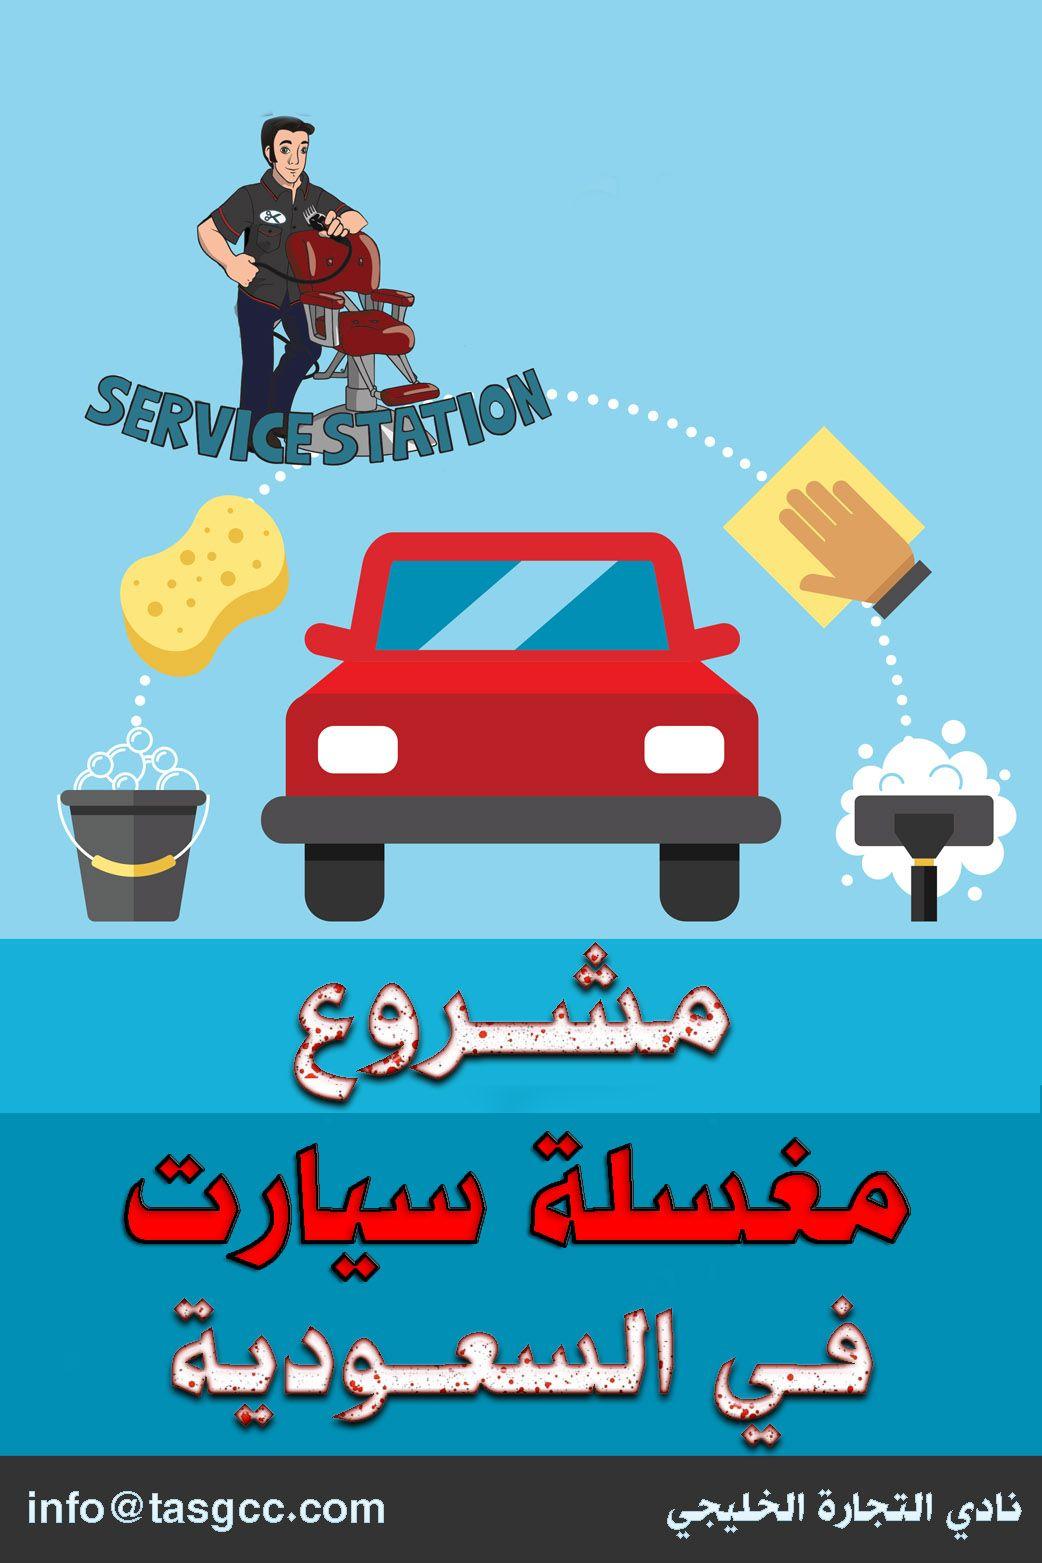 3 أفكار مشاريع ناجحة في السعودية Car Wash Car Movie Posters